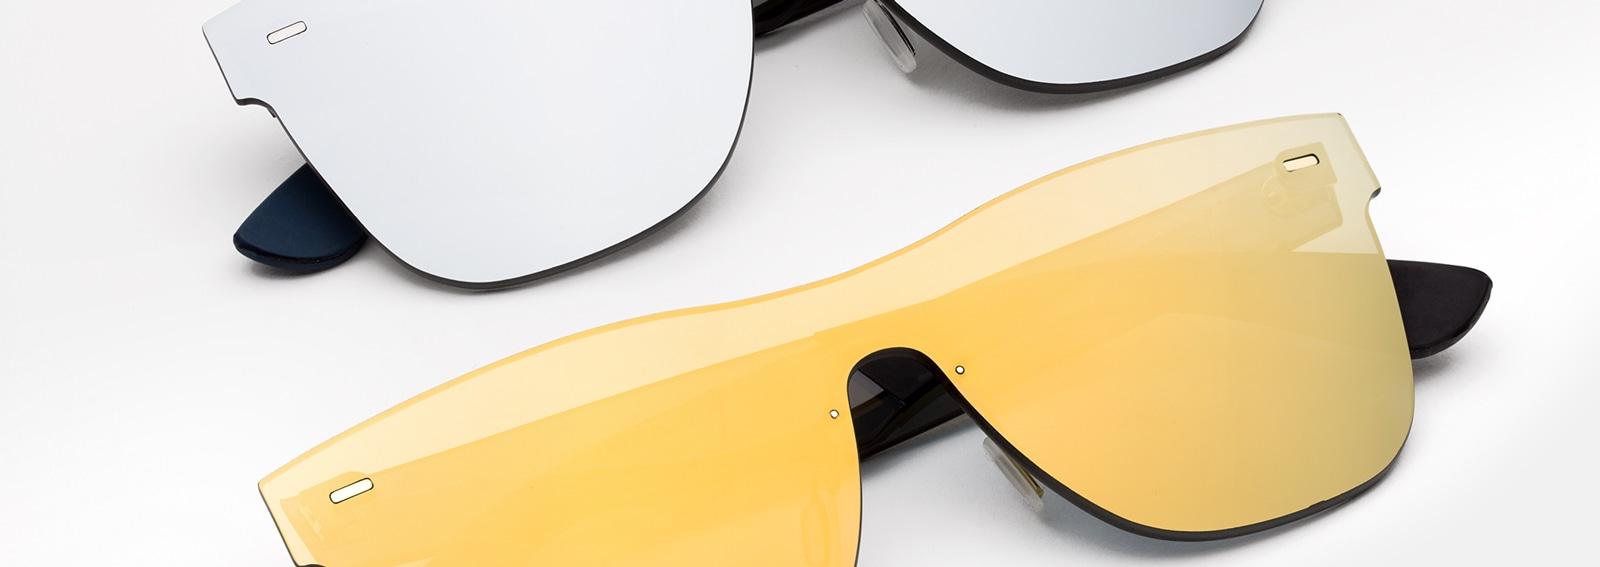 occhiali-super-slam-jam-desktop